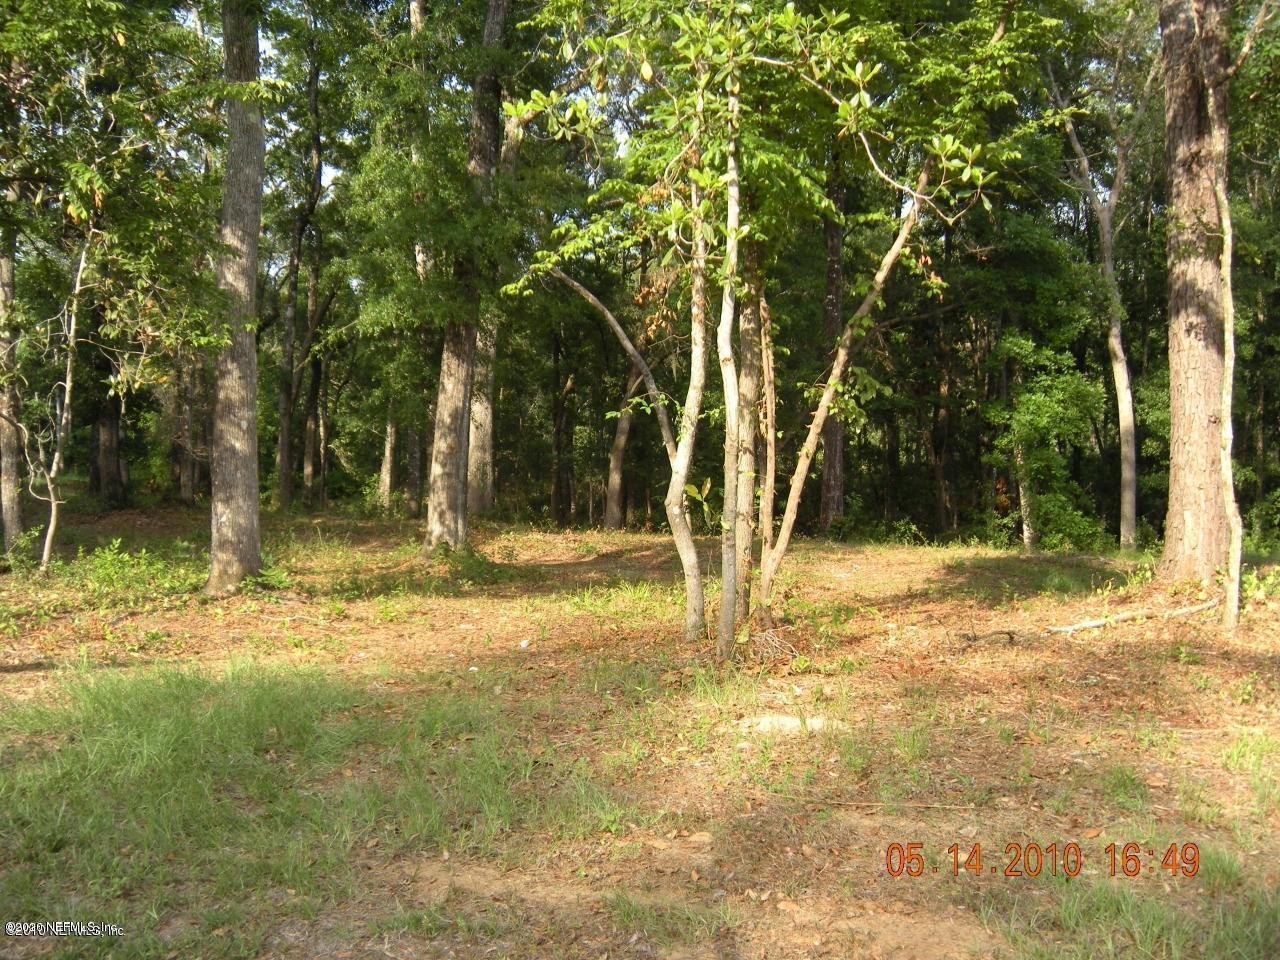 2113 SPINNAKER, MIDDLEBURG, FLORIDA 32068, ,Vacant land,For sale,SPINNAKER,1067409